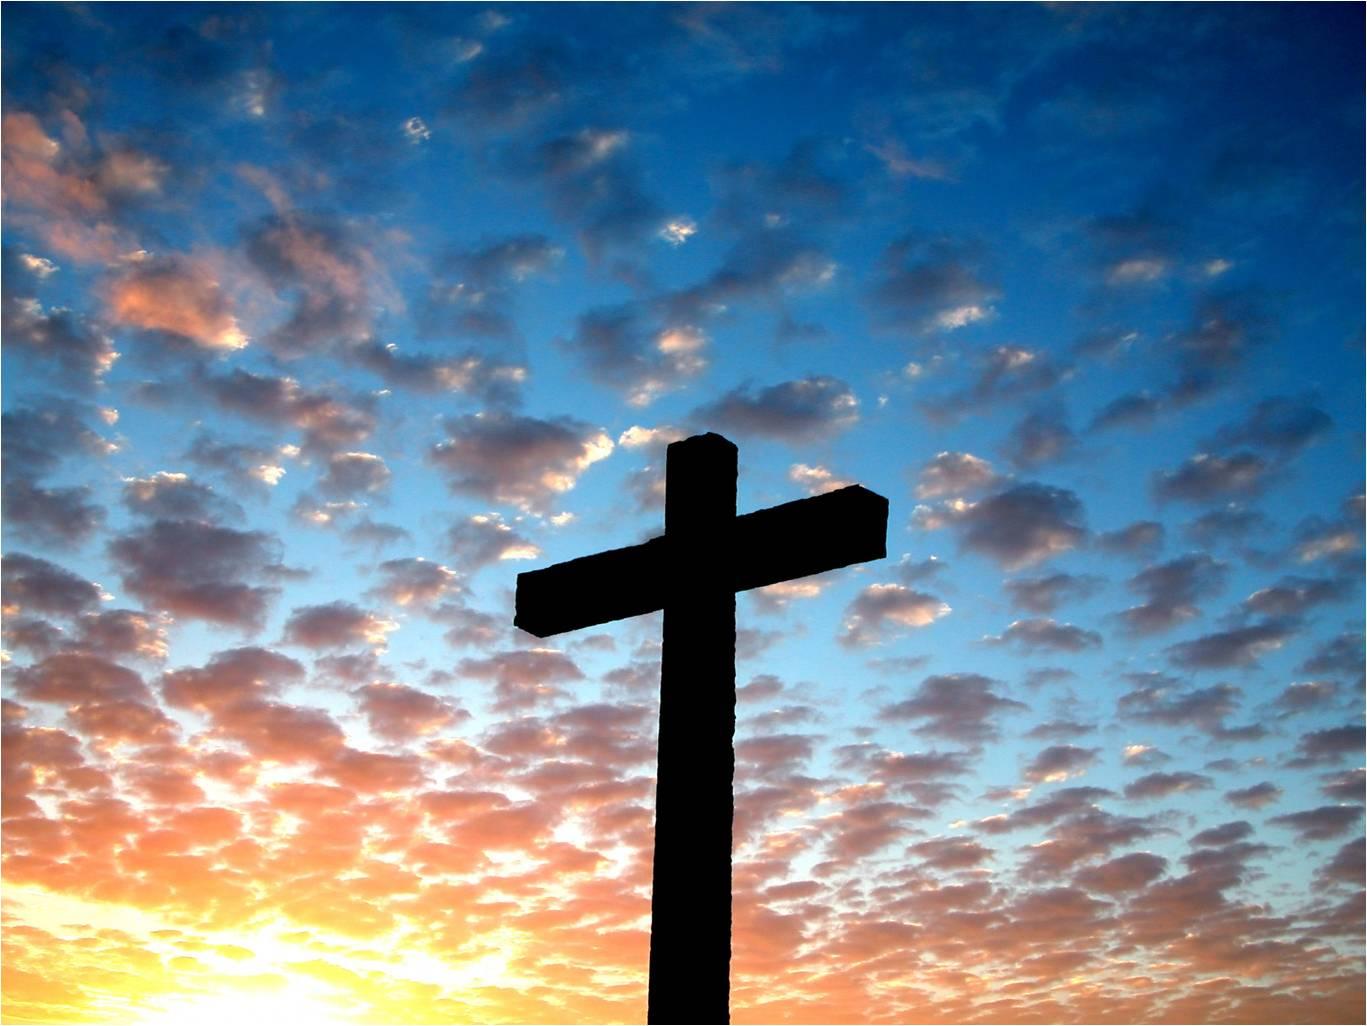 Image credit: http://www.firstbaptistfaribault.org/easter-egg-hunt/easter-cross-daybreak/